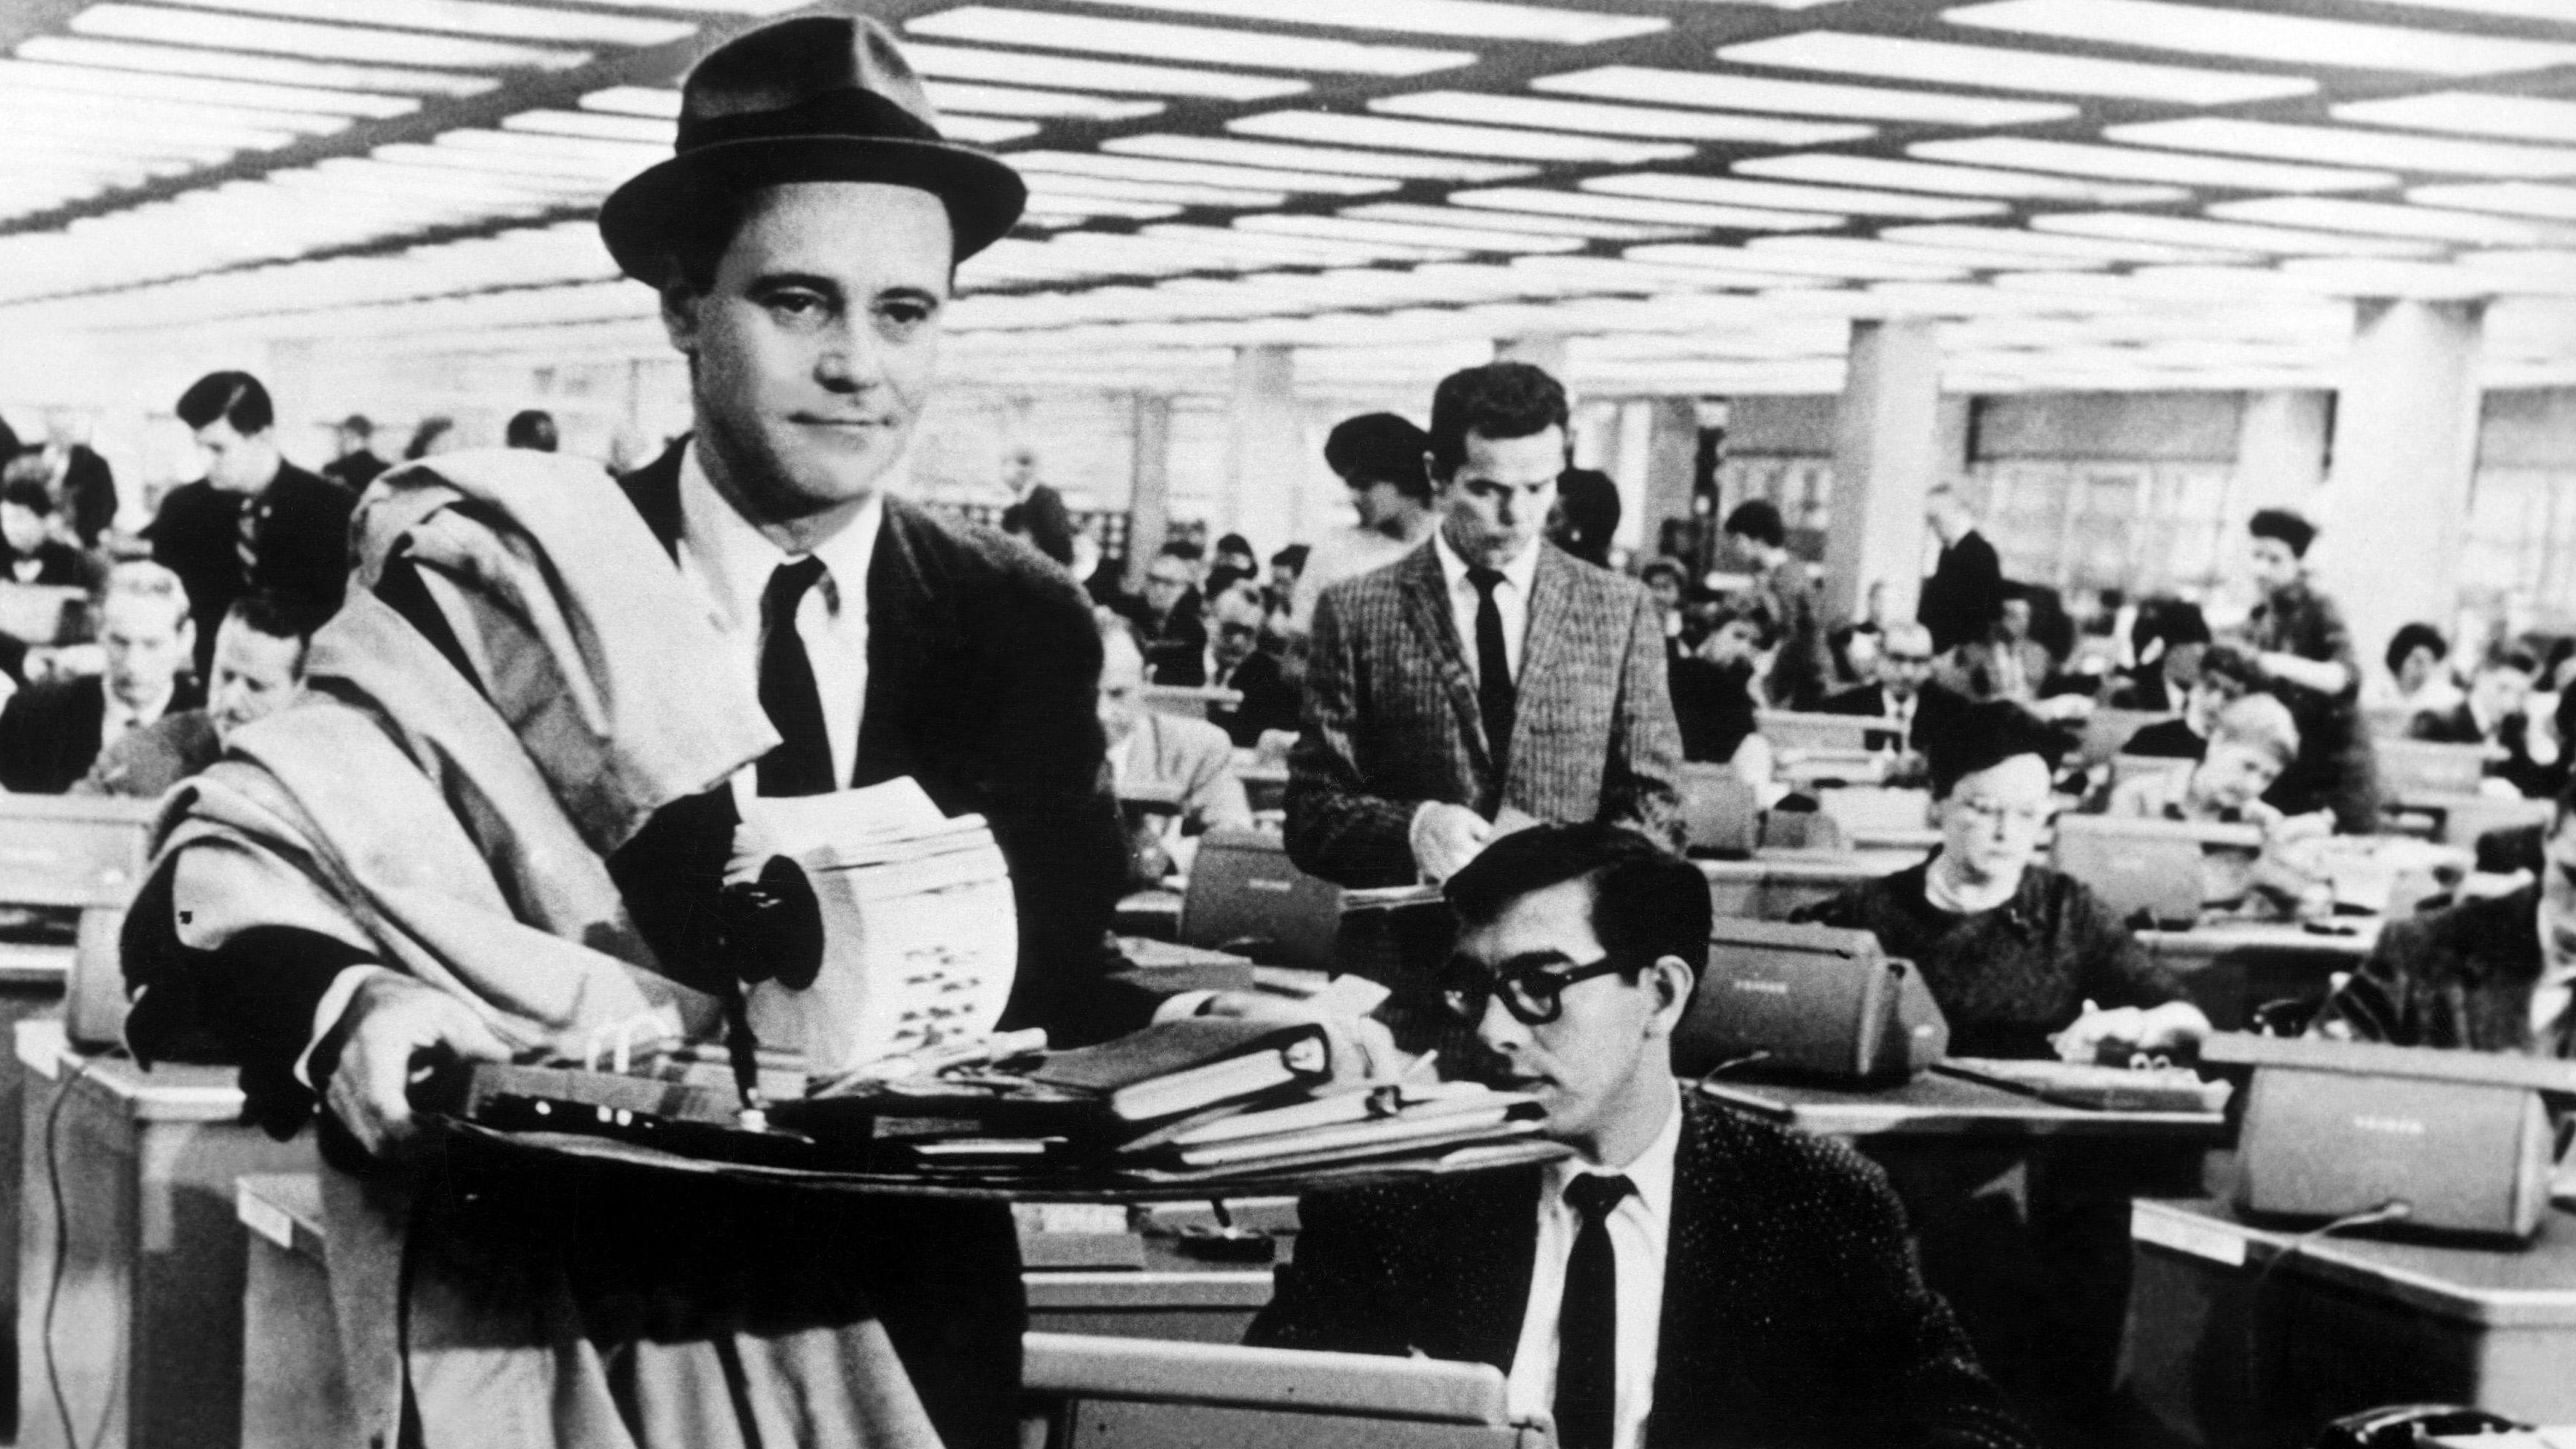 Ein Mann (JACK LEMMON) trägt in einem vollgestopften Großraumbüro seine Schreib-Untensilien durch die Gegend - auf der Suche nach einem Platz. Szene aus einer Komödie von Billy Wilder